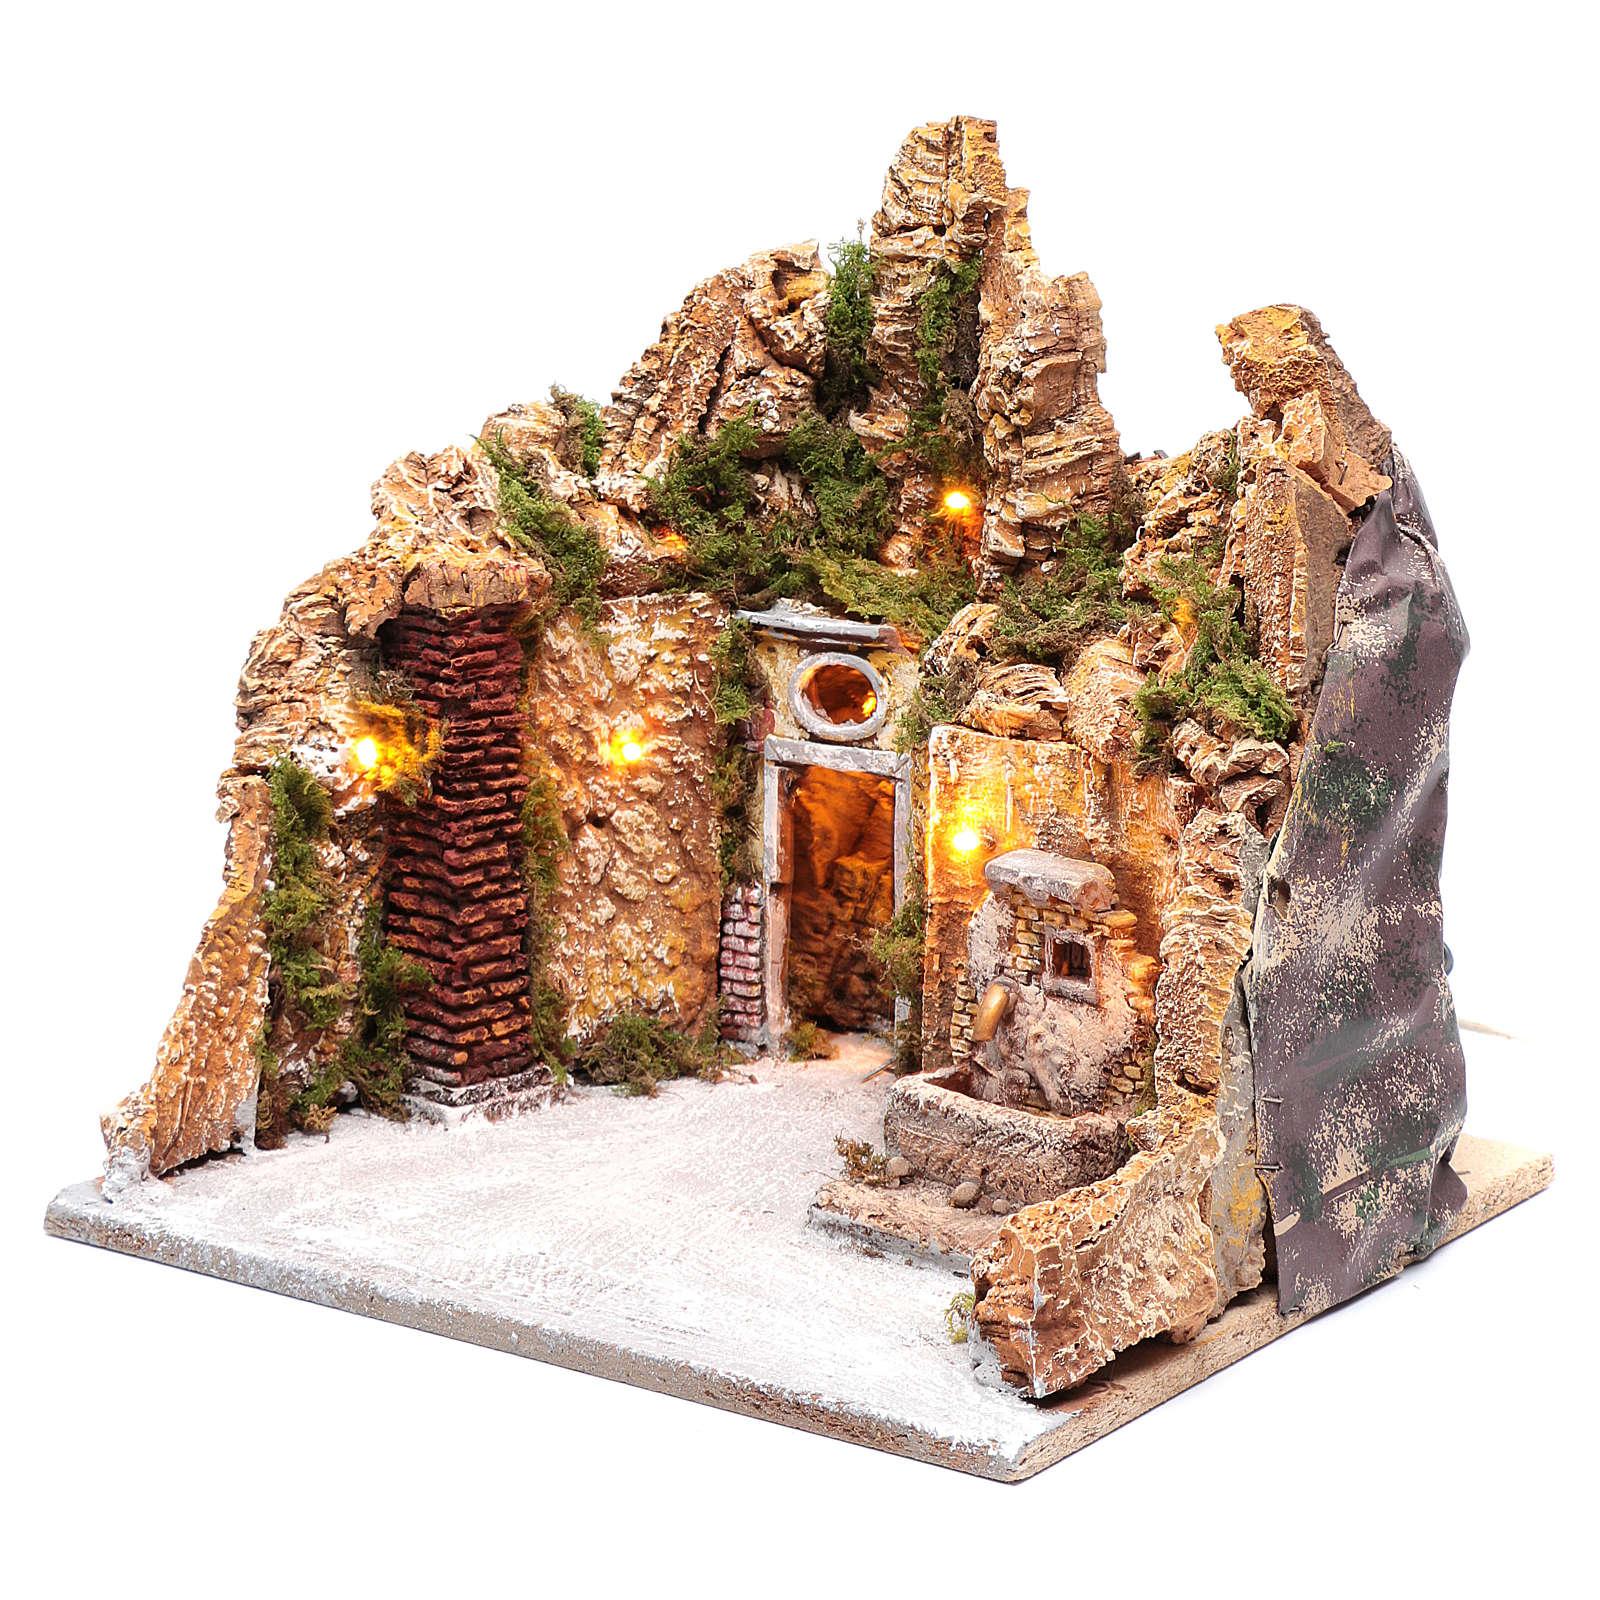 Ambientazione presepe fontanella e portone 30x35x30 cm 4